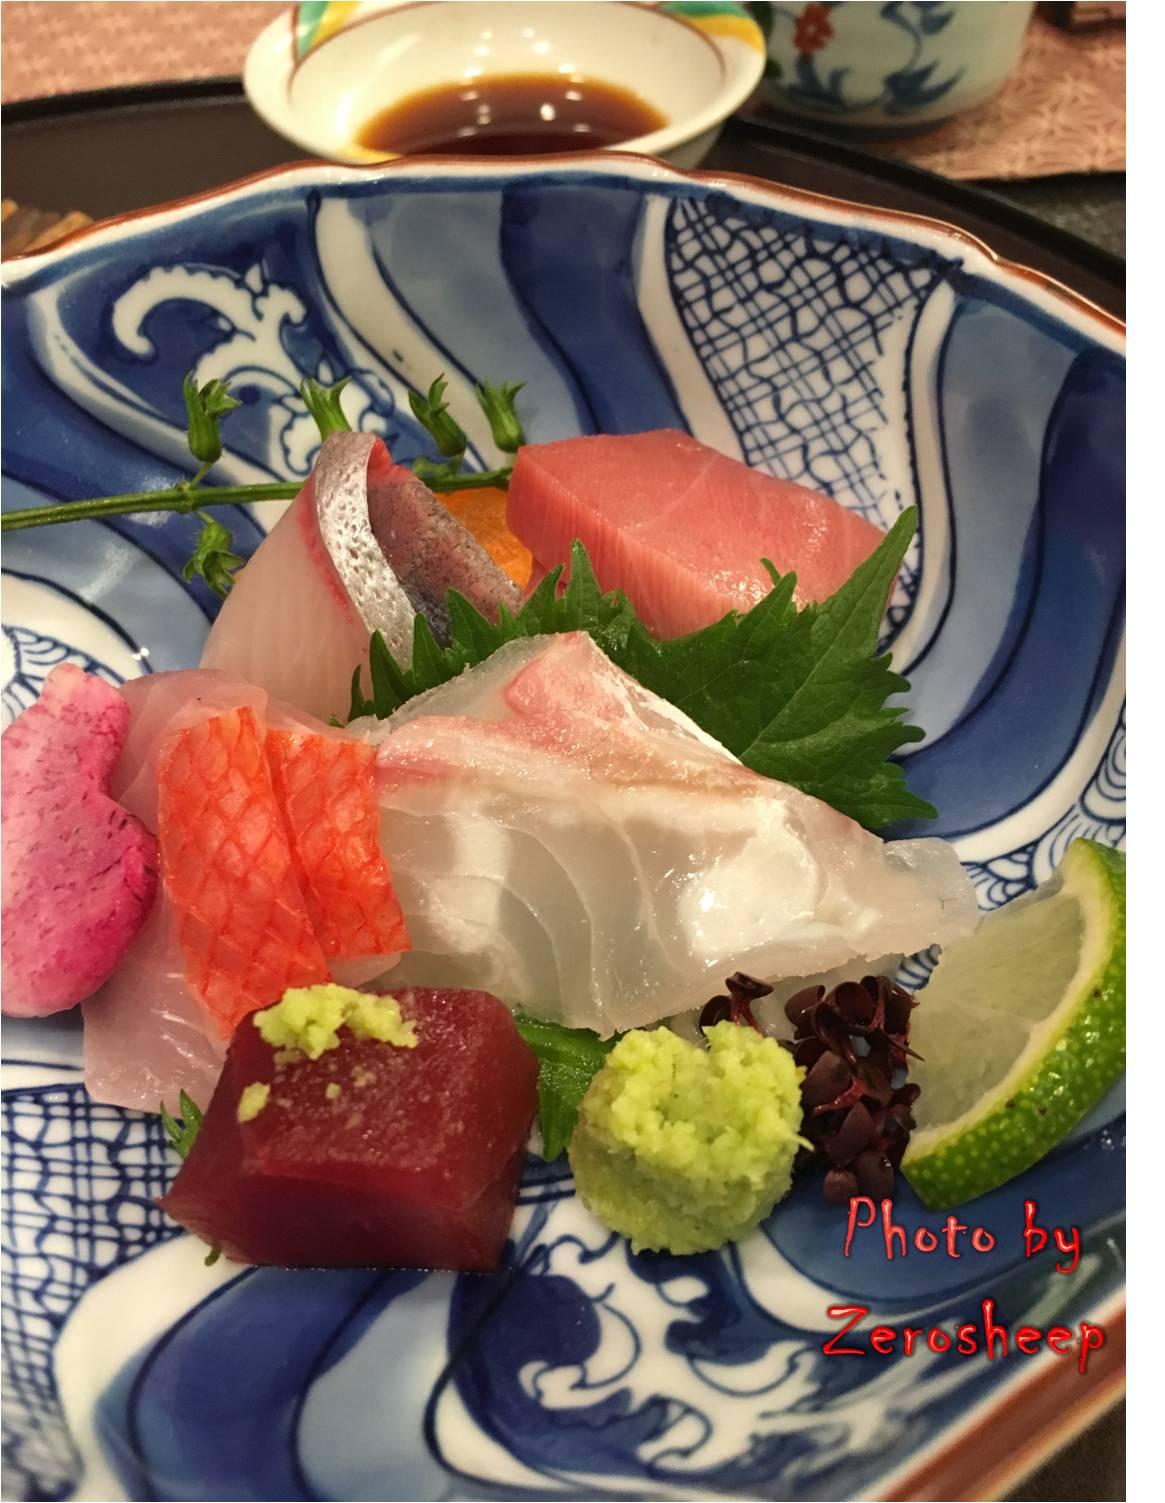 扳回一城的料理-為了晚餐,在日本搭的士都值得 1   零羊回鄉探險記-從香港出發   旅遊嘆世界 - fanpiece